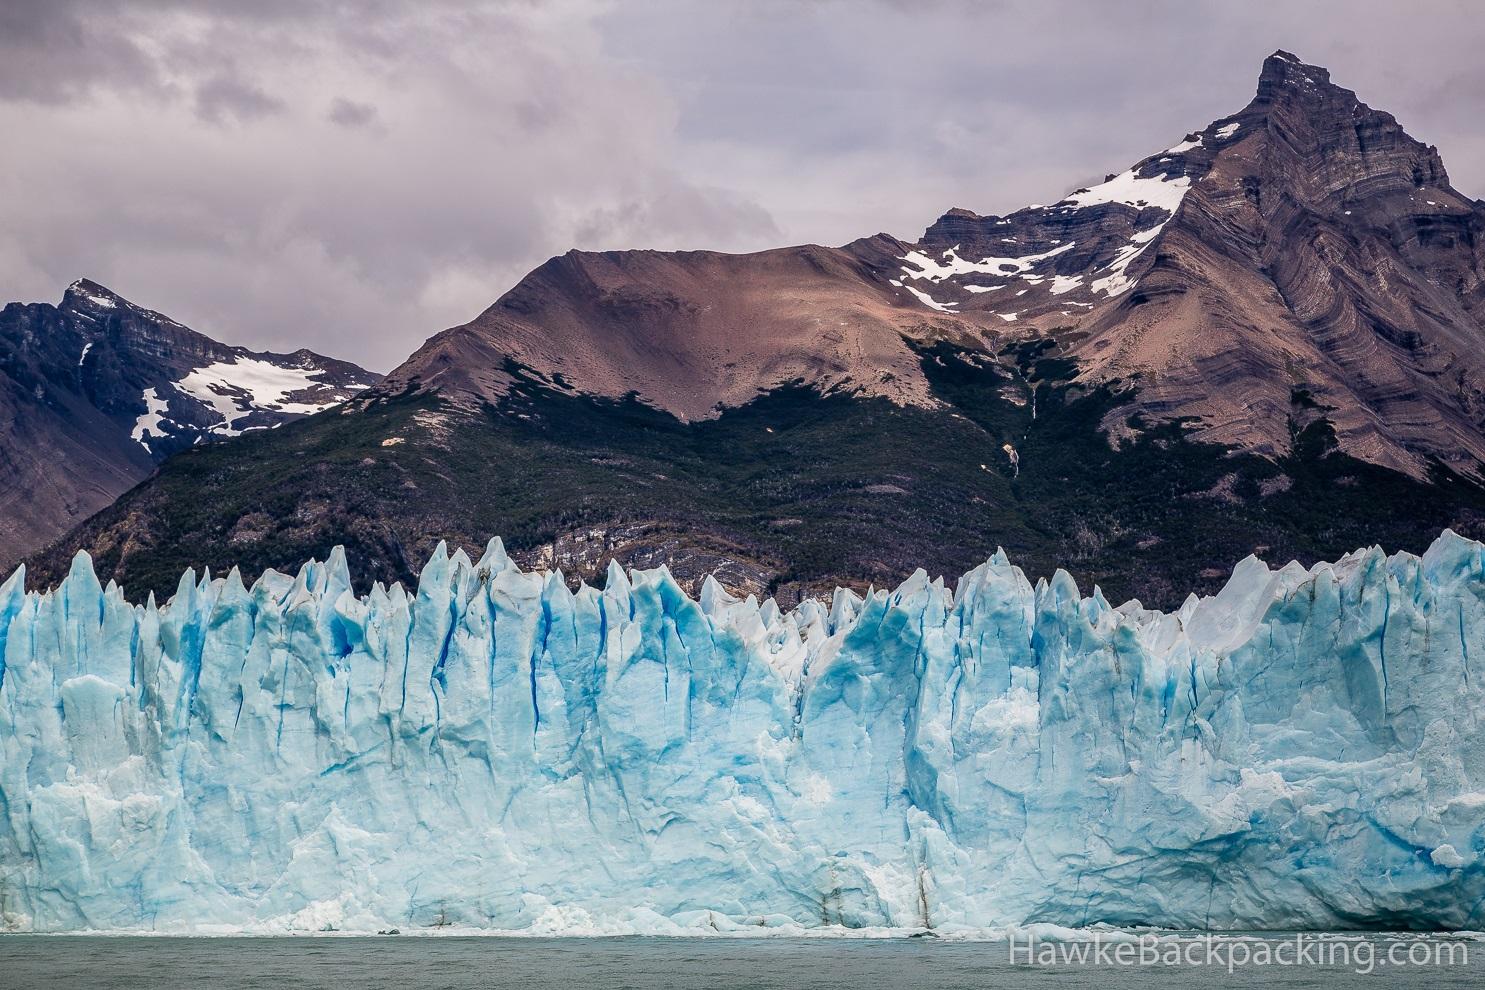 Backpacking Glacier National Park >> Los Glaciares National Park - HawkeBackpacking.com